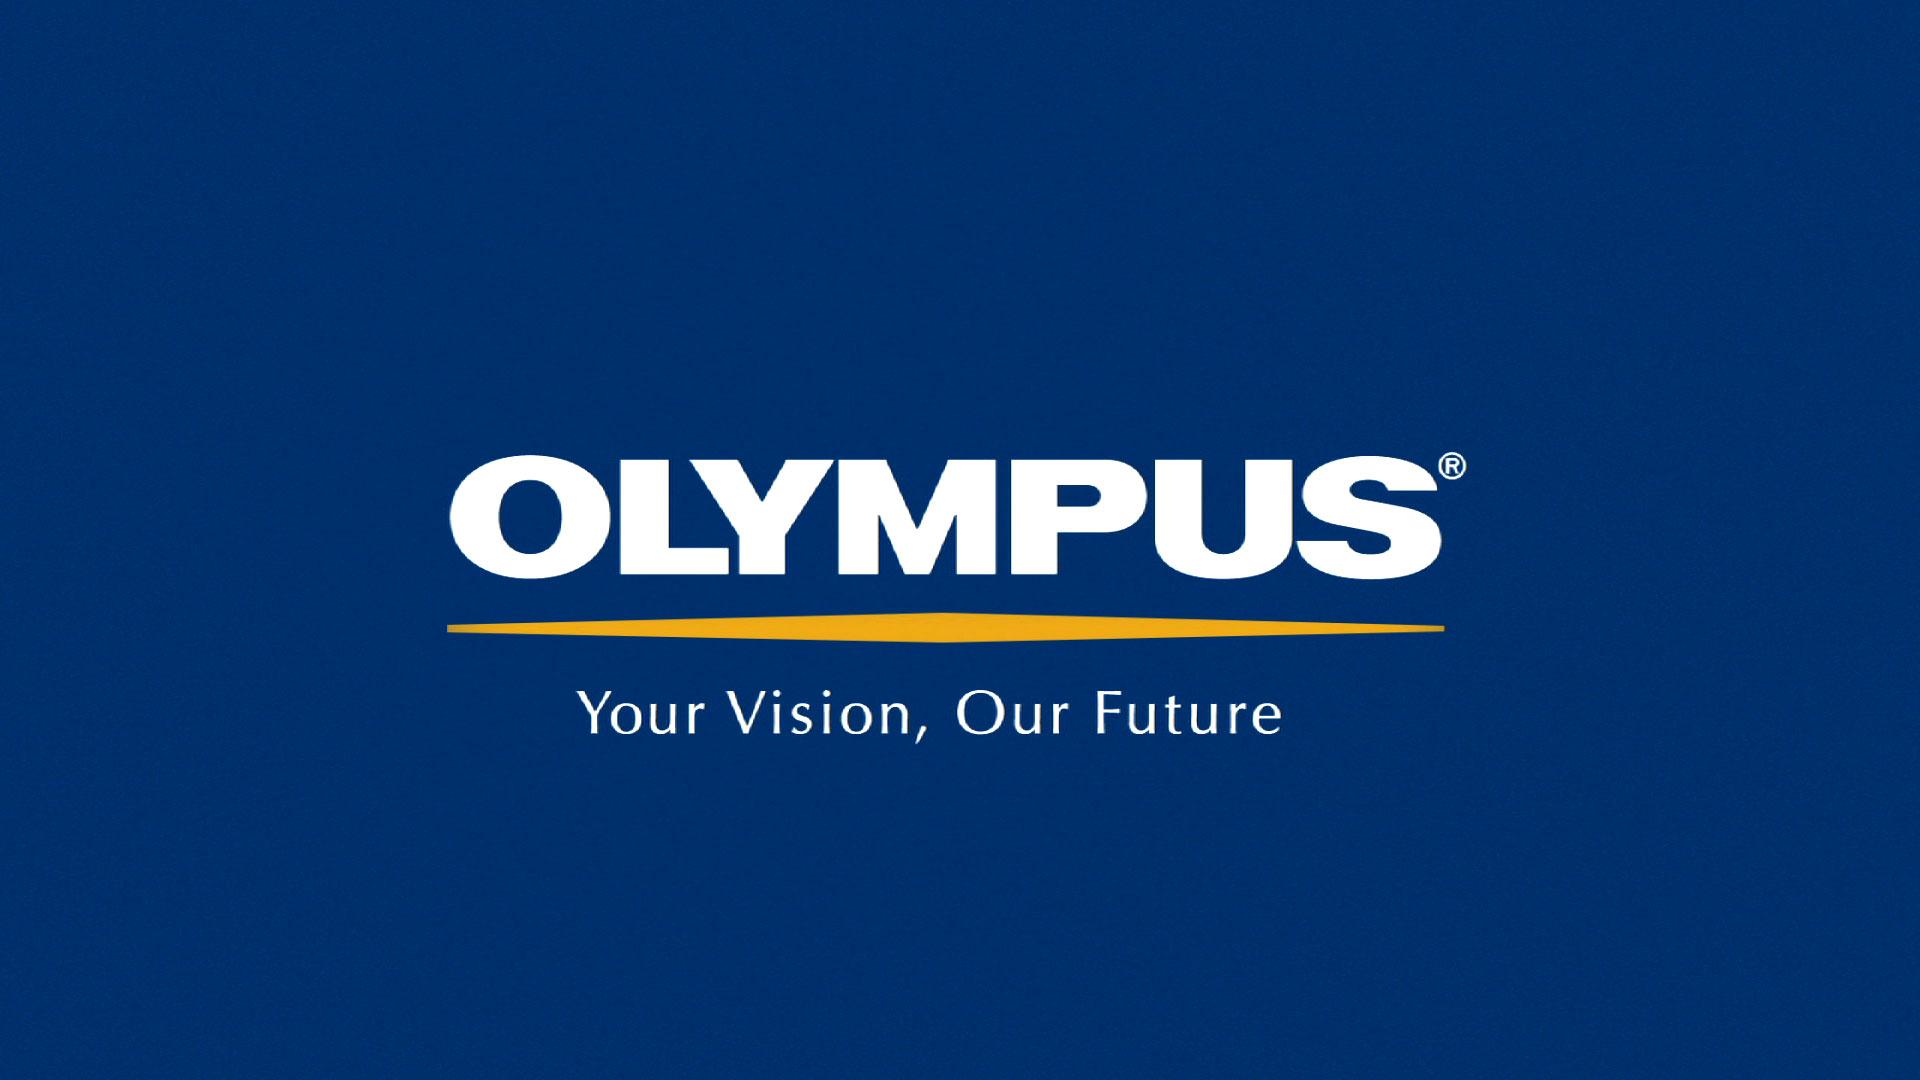 olympus_06